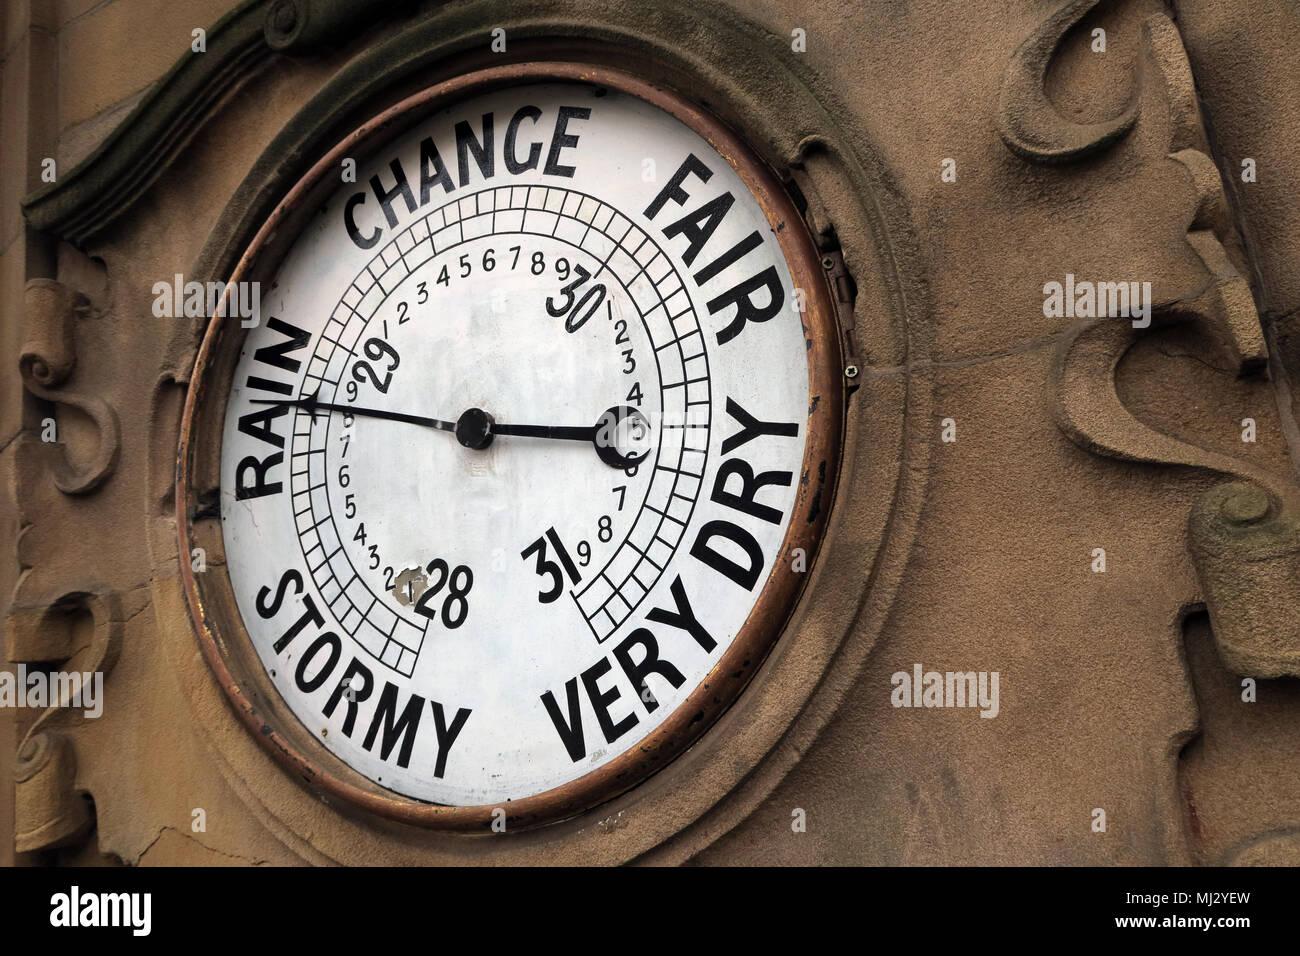 Laden Sie dieses Alamy Stockfoto Kämpfende Hähne Pub, Moseley, Birmingham, B13 8HW, Großbritannien - MJ2YEW